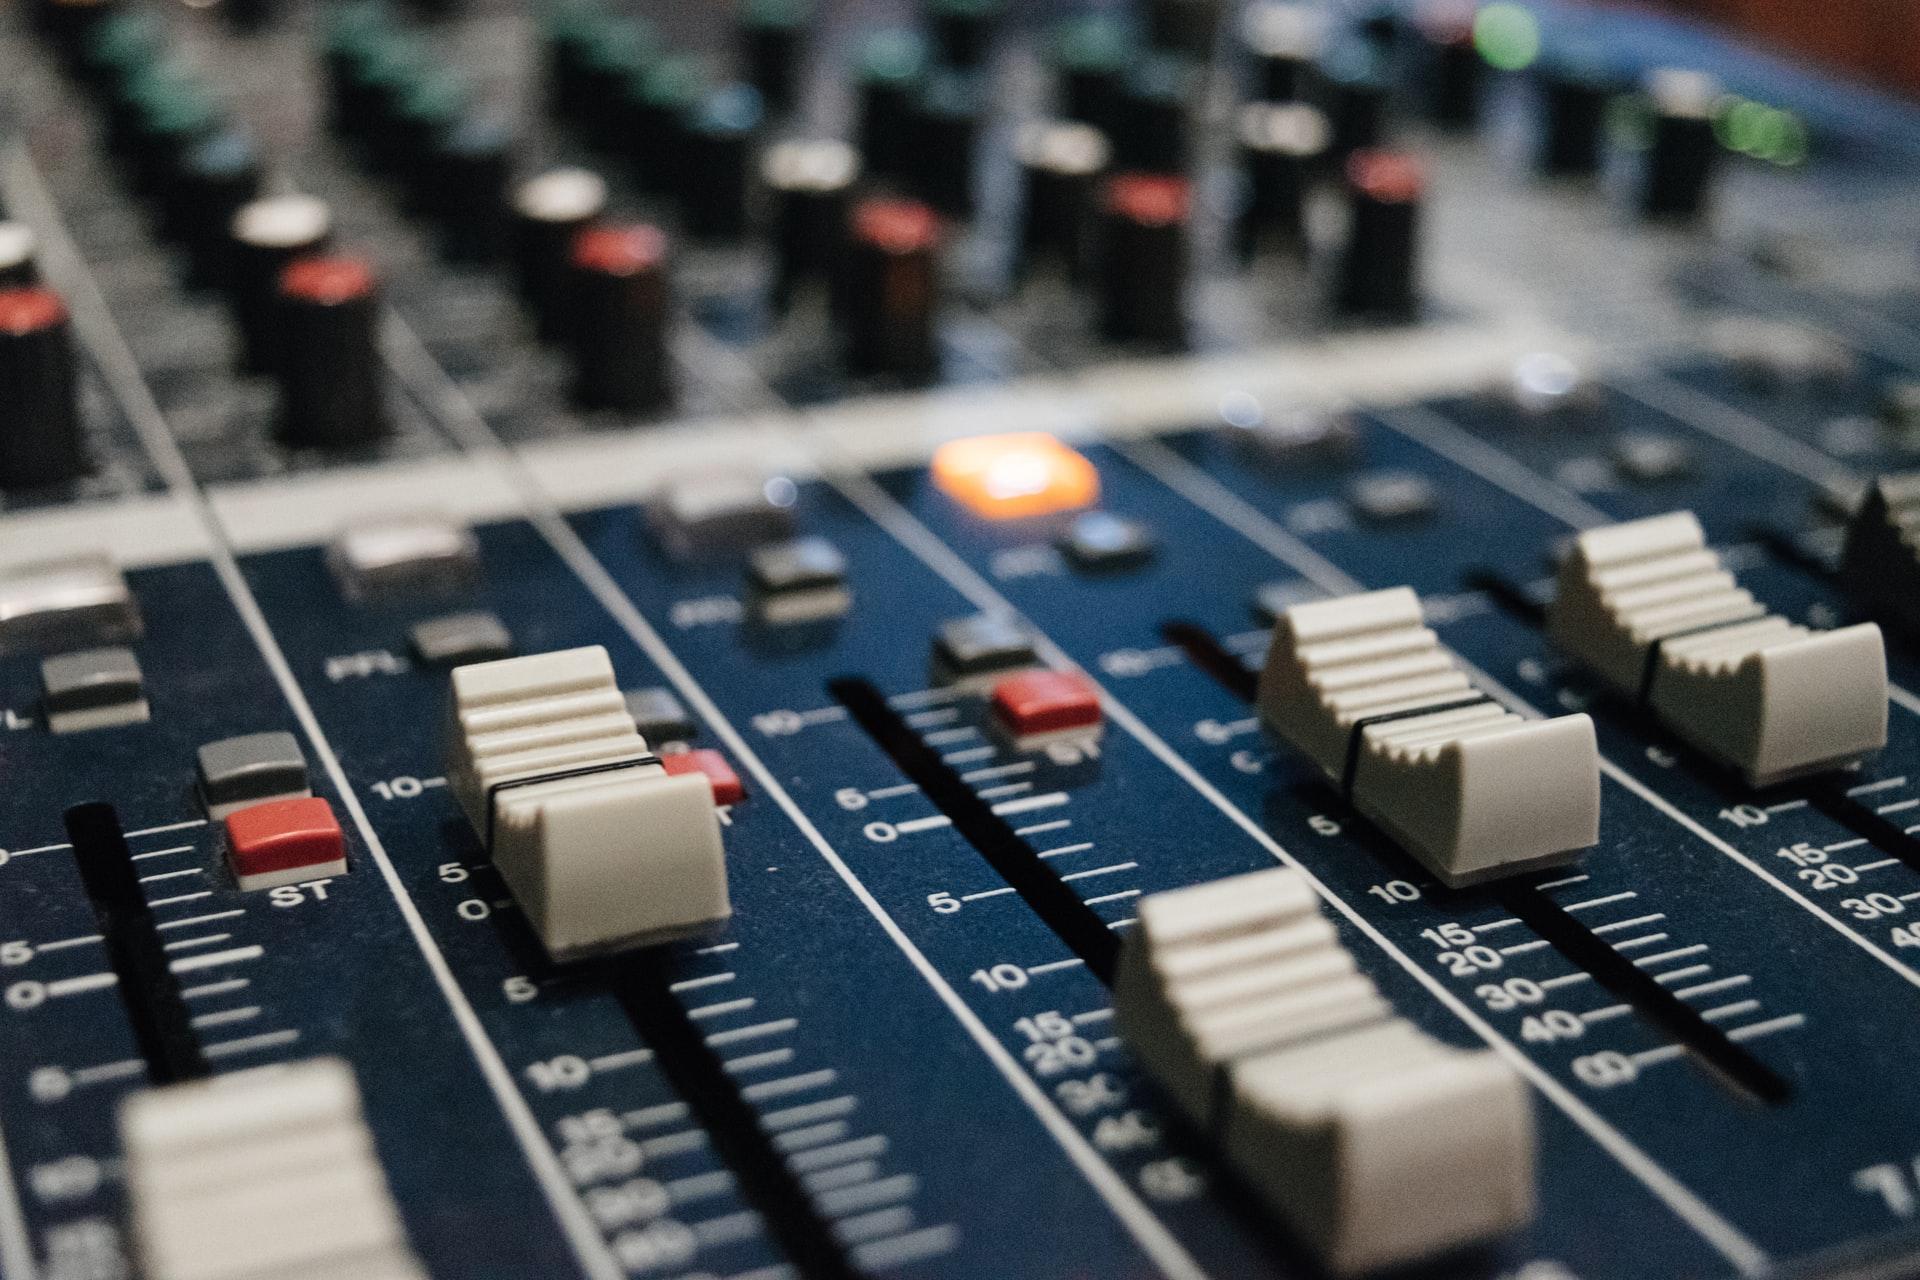 Posturile de radio private solicită suspendarea temporară a publicității pe postul public RadioFrance